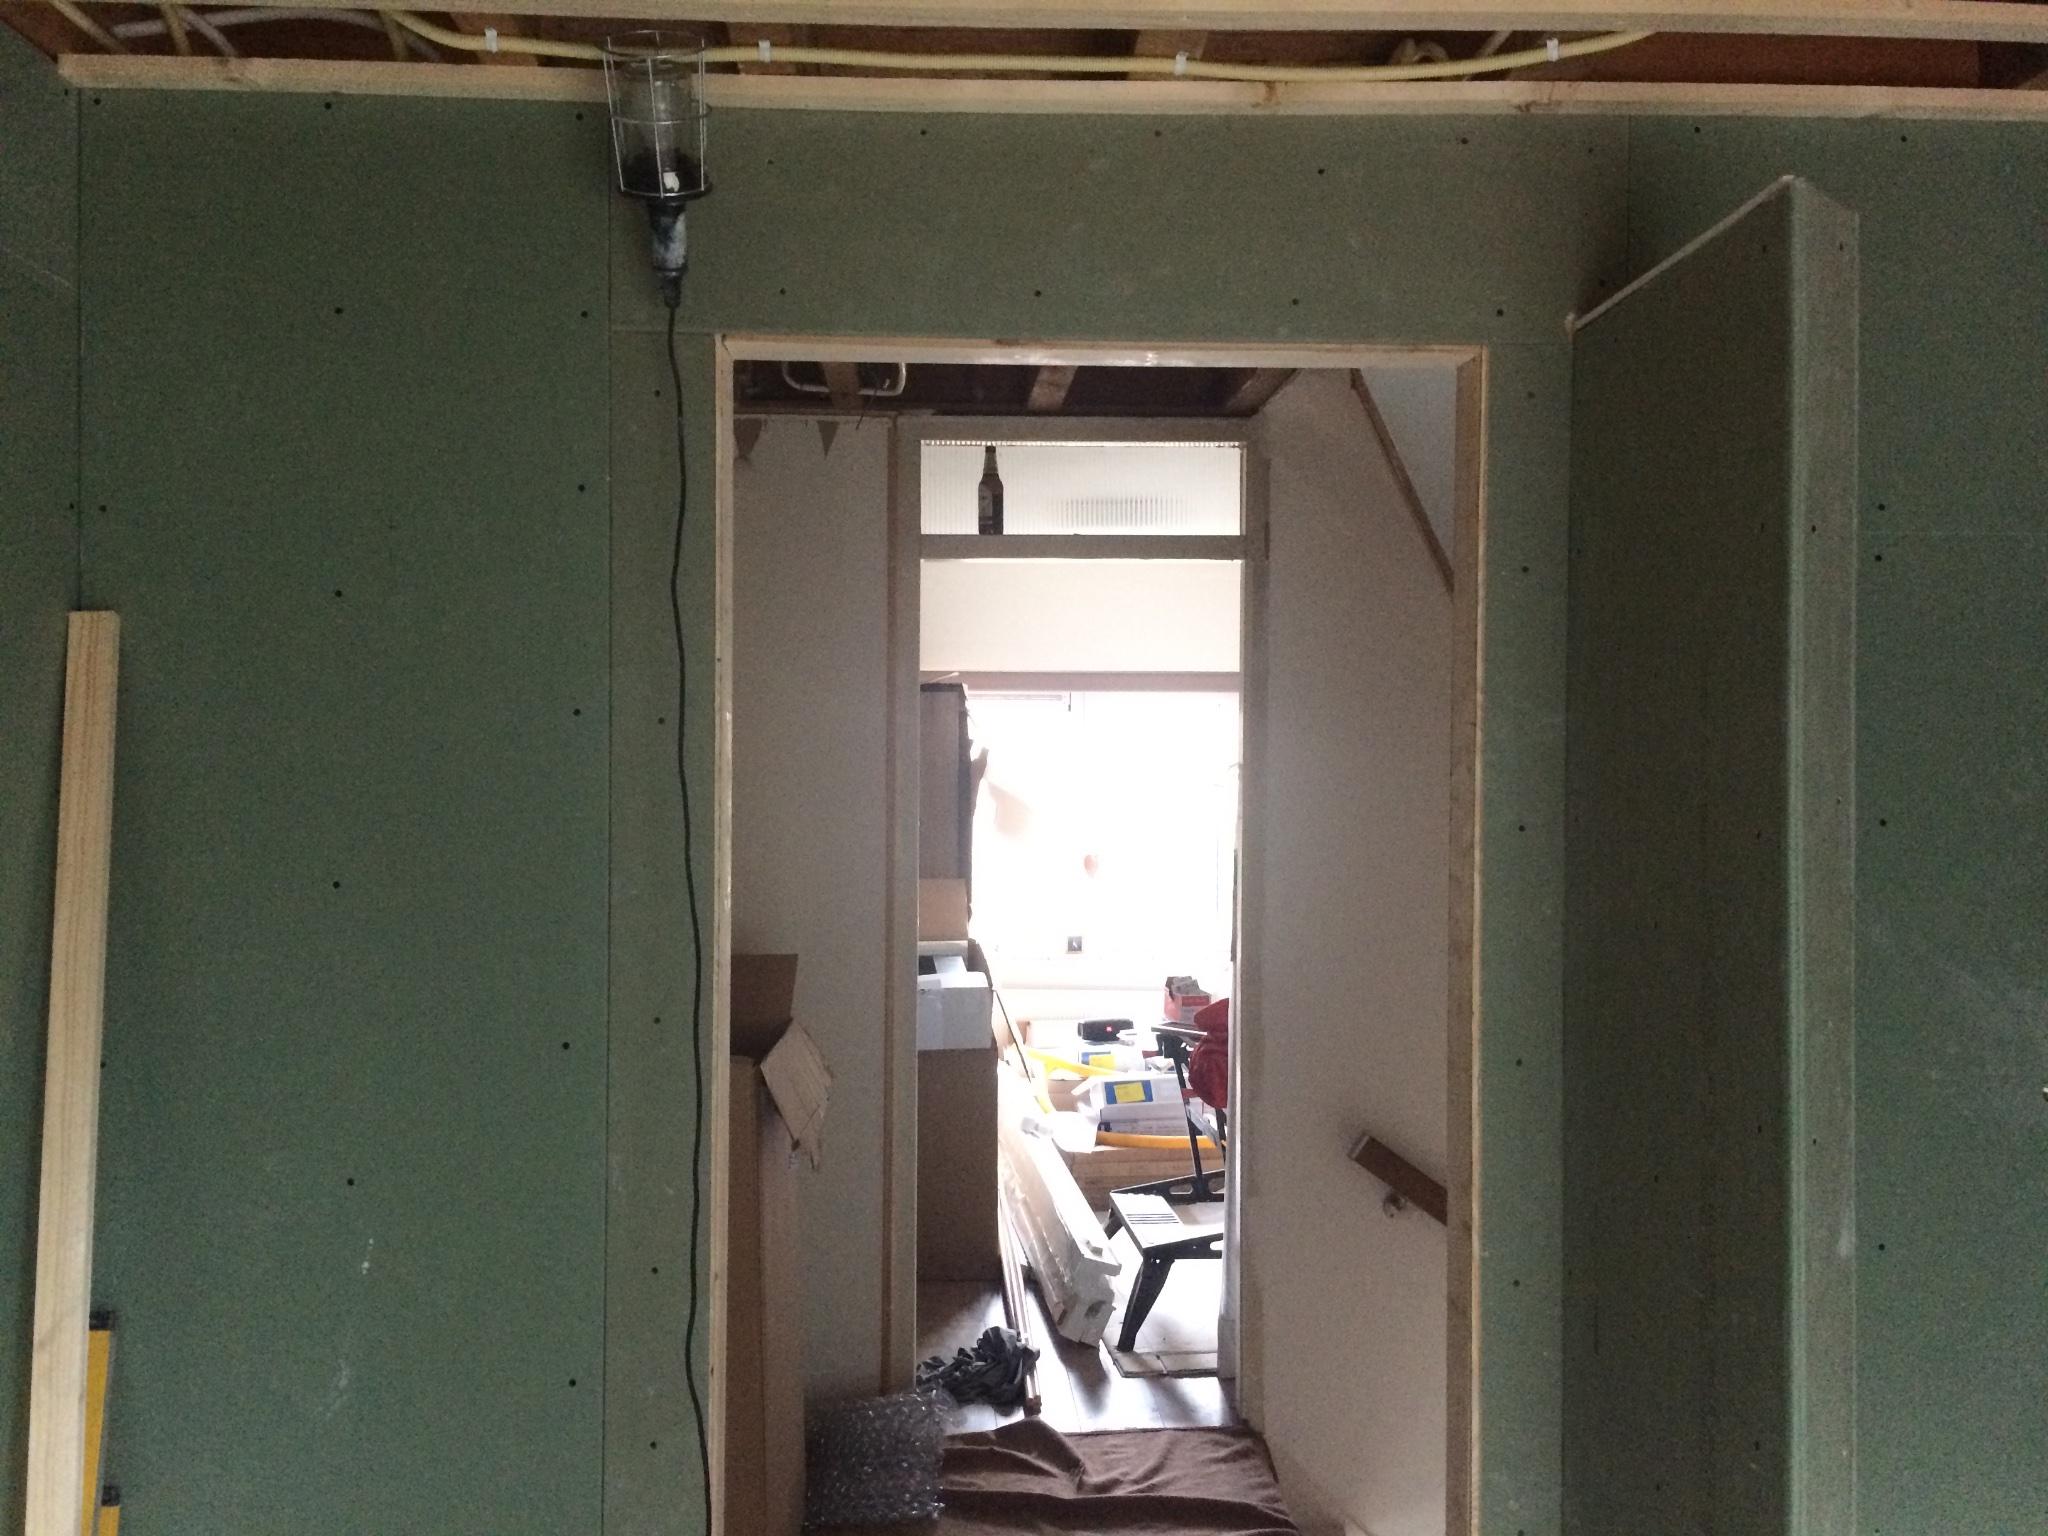 Stuc Deco Badkamer : Ervaringen met beton ciré badkamer wonen verbouwen got